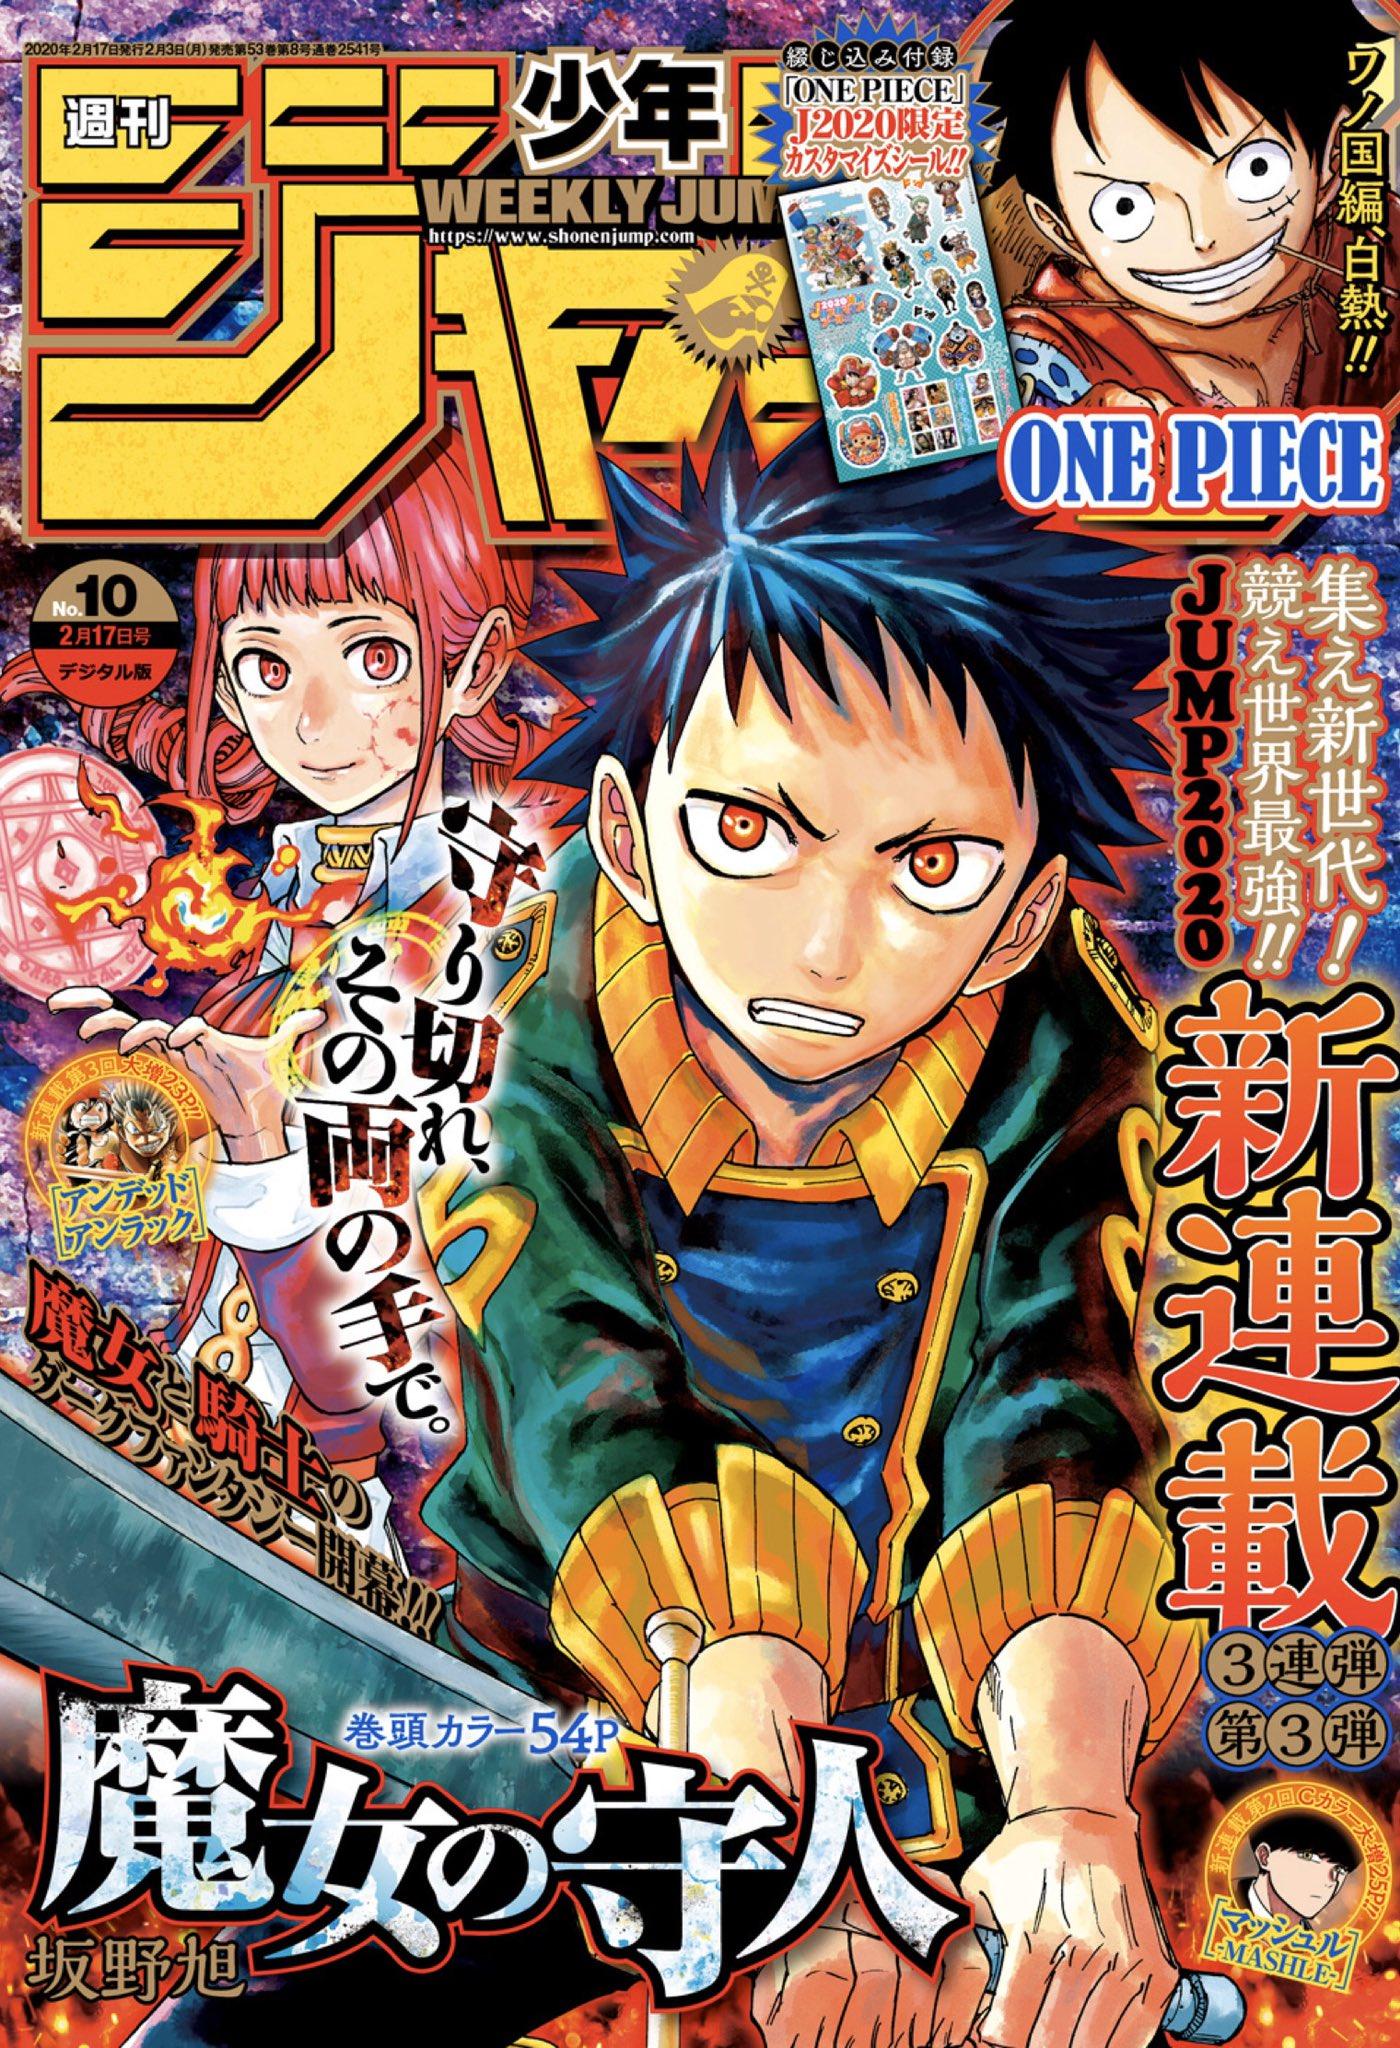 Weekly Shônen Jump 10 - 週刊少年ジャンプ 2020年10号